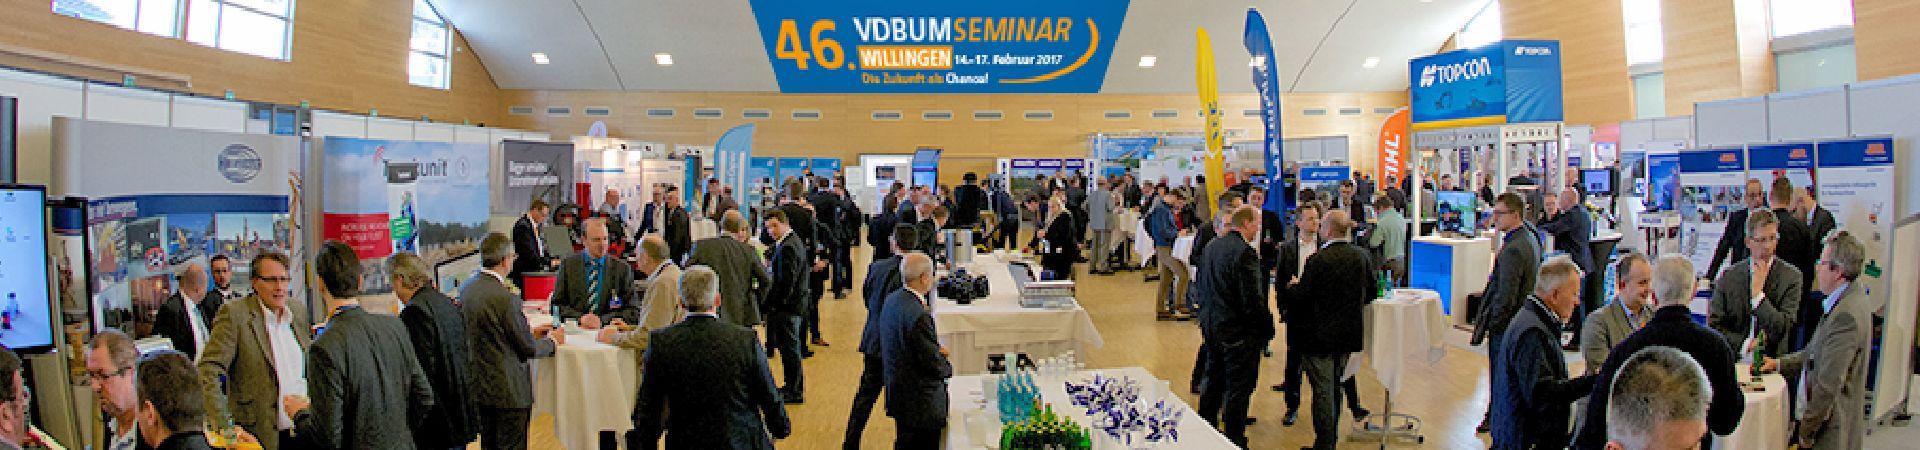 46. VDBUM-Seminar 2017